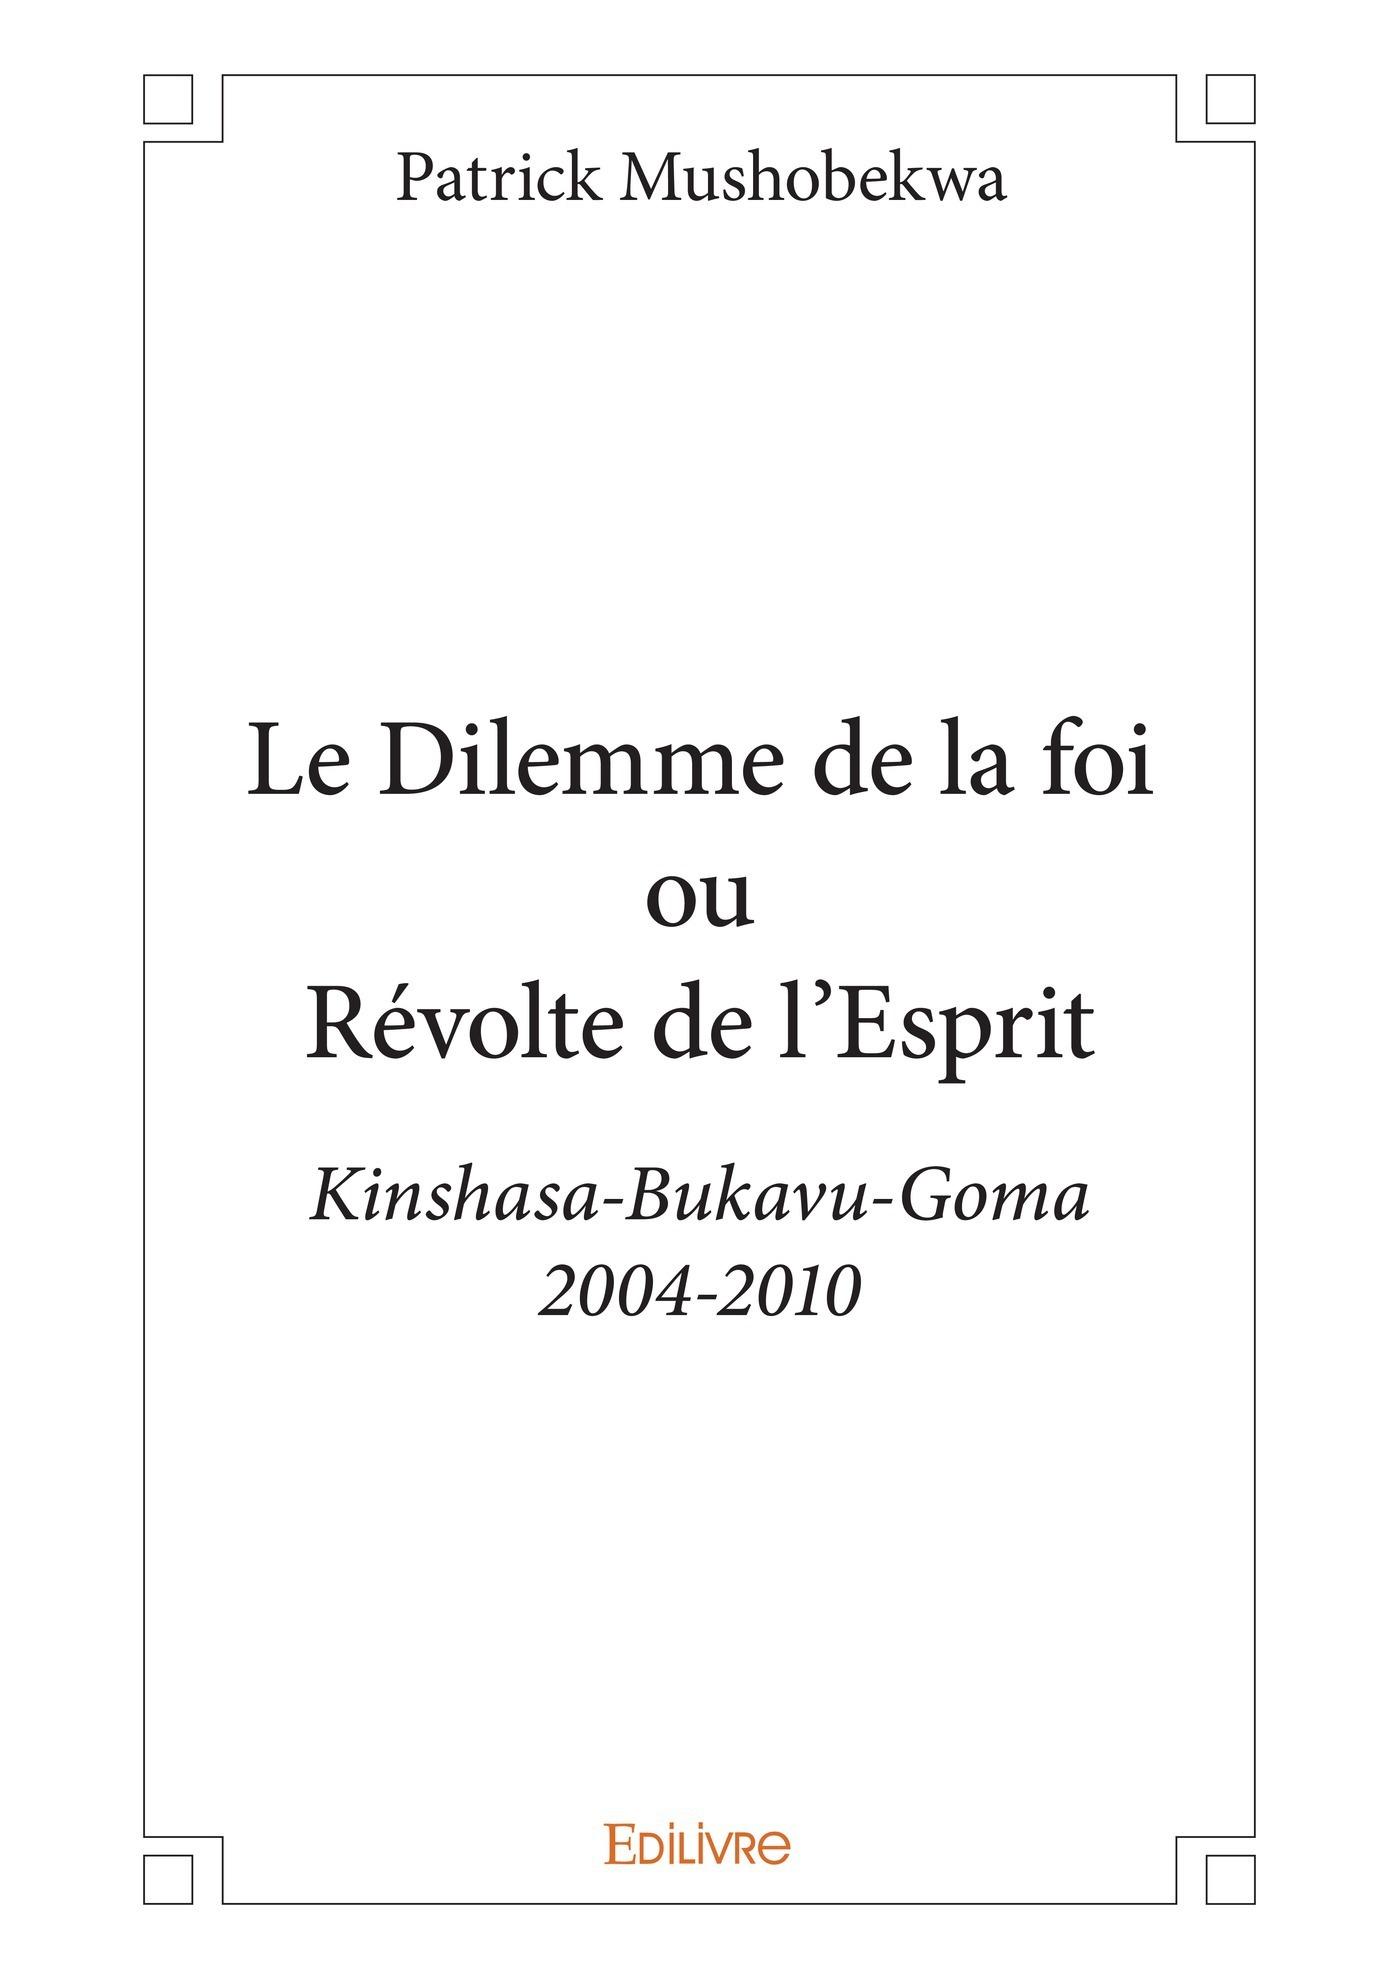 Le dilemme de la foi ou révolte de l'esprit ; Kinshasa-Bukavu-Goma (2004-2010)